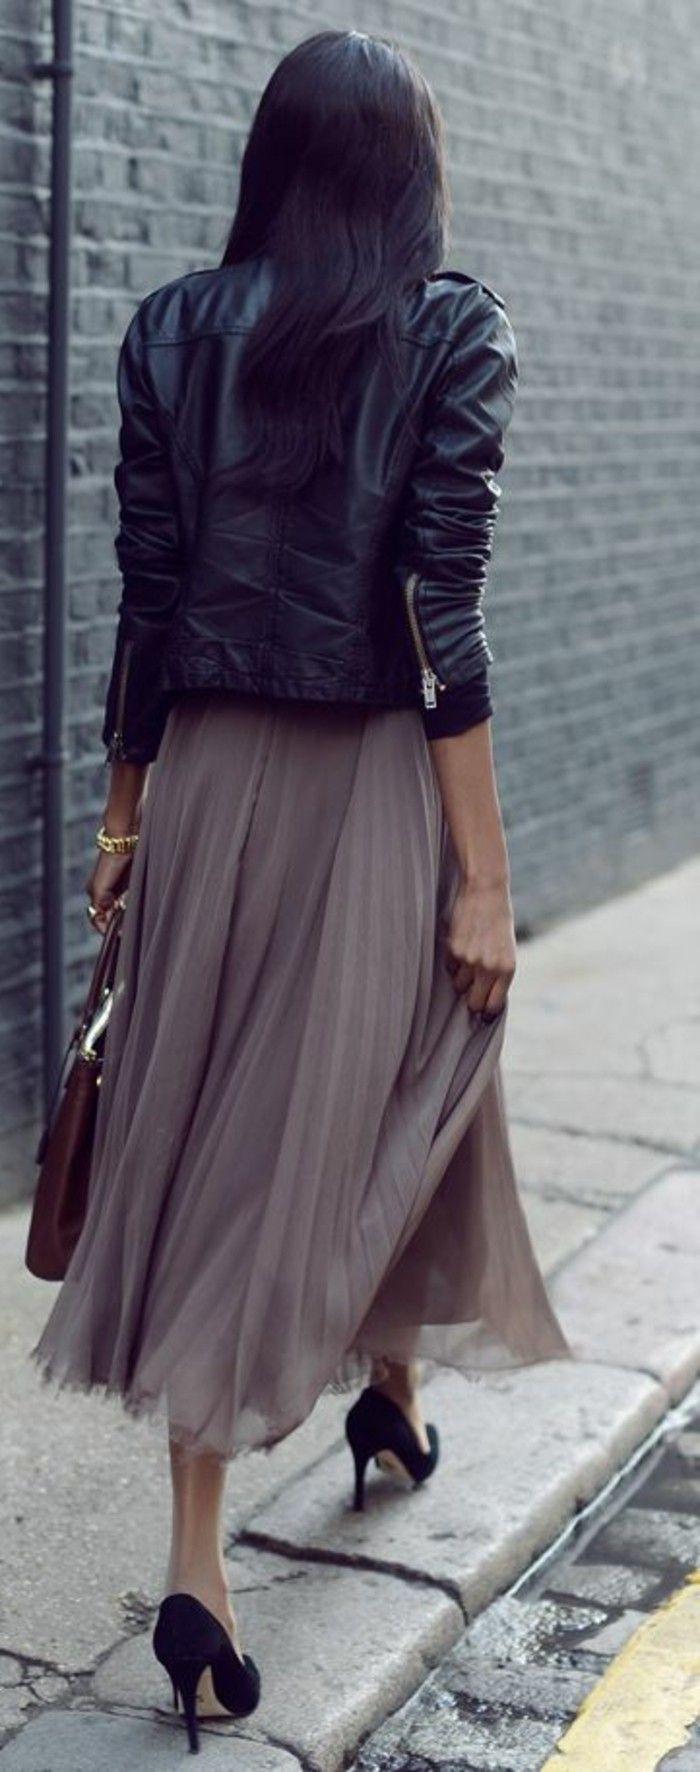 veste femme en cuir noir, jupe longue plissée beige avec talons hauts noirs